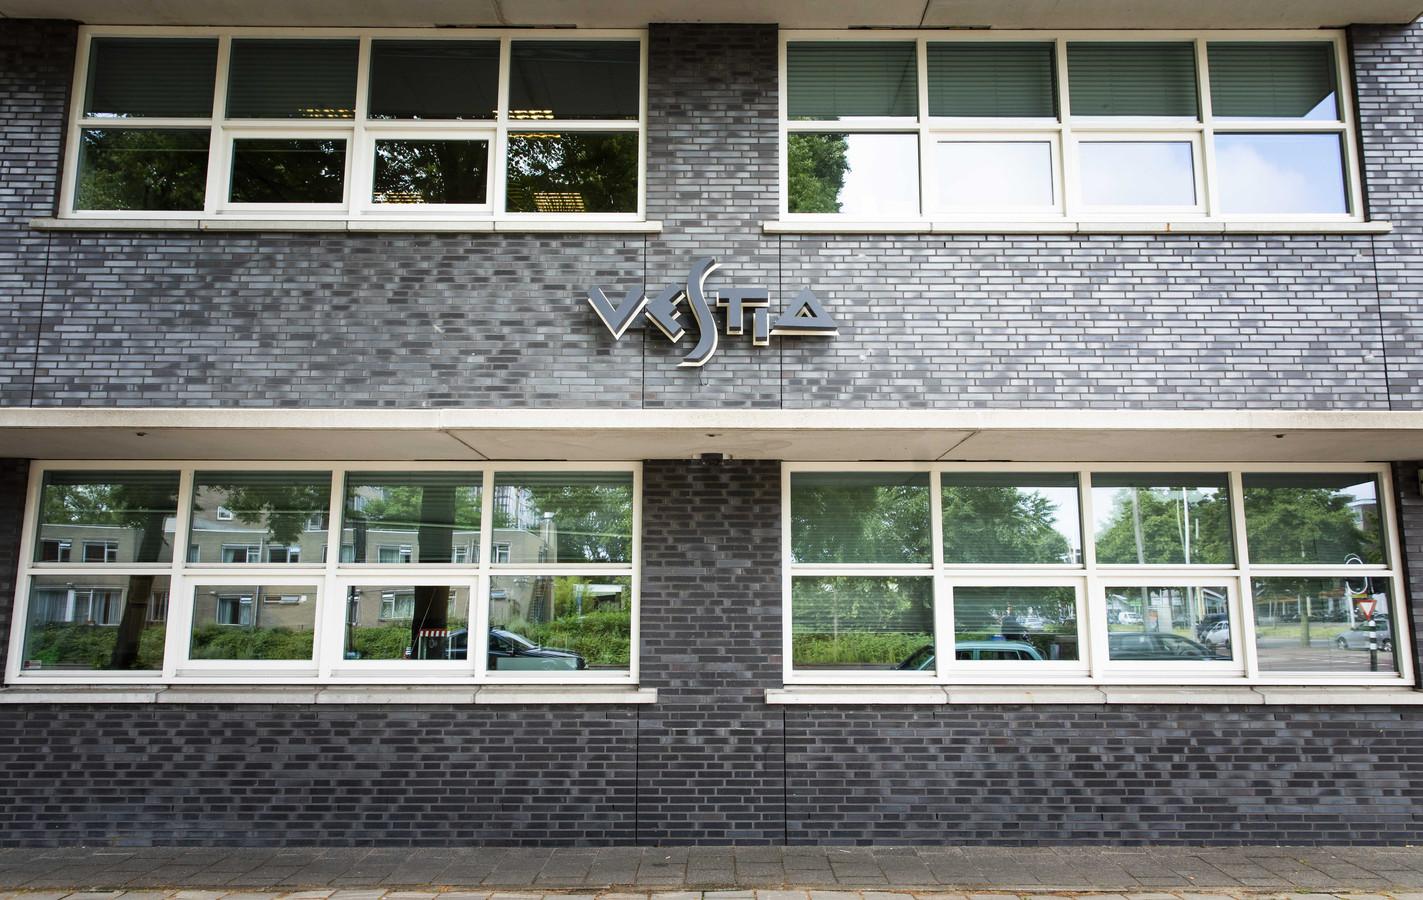 Op dit moment werkt Vestia aan een nieuw verbeterplan. Dat wordt in oktober verwacht. Dan moet ook duidelijk worden of de corporatie extra geld gaat vragen.